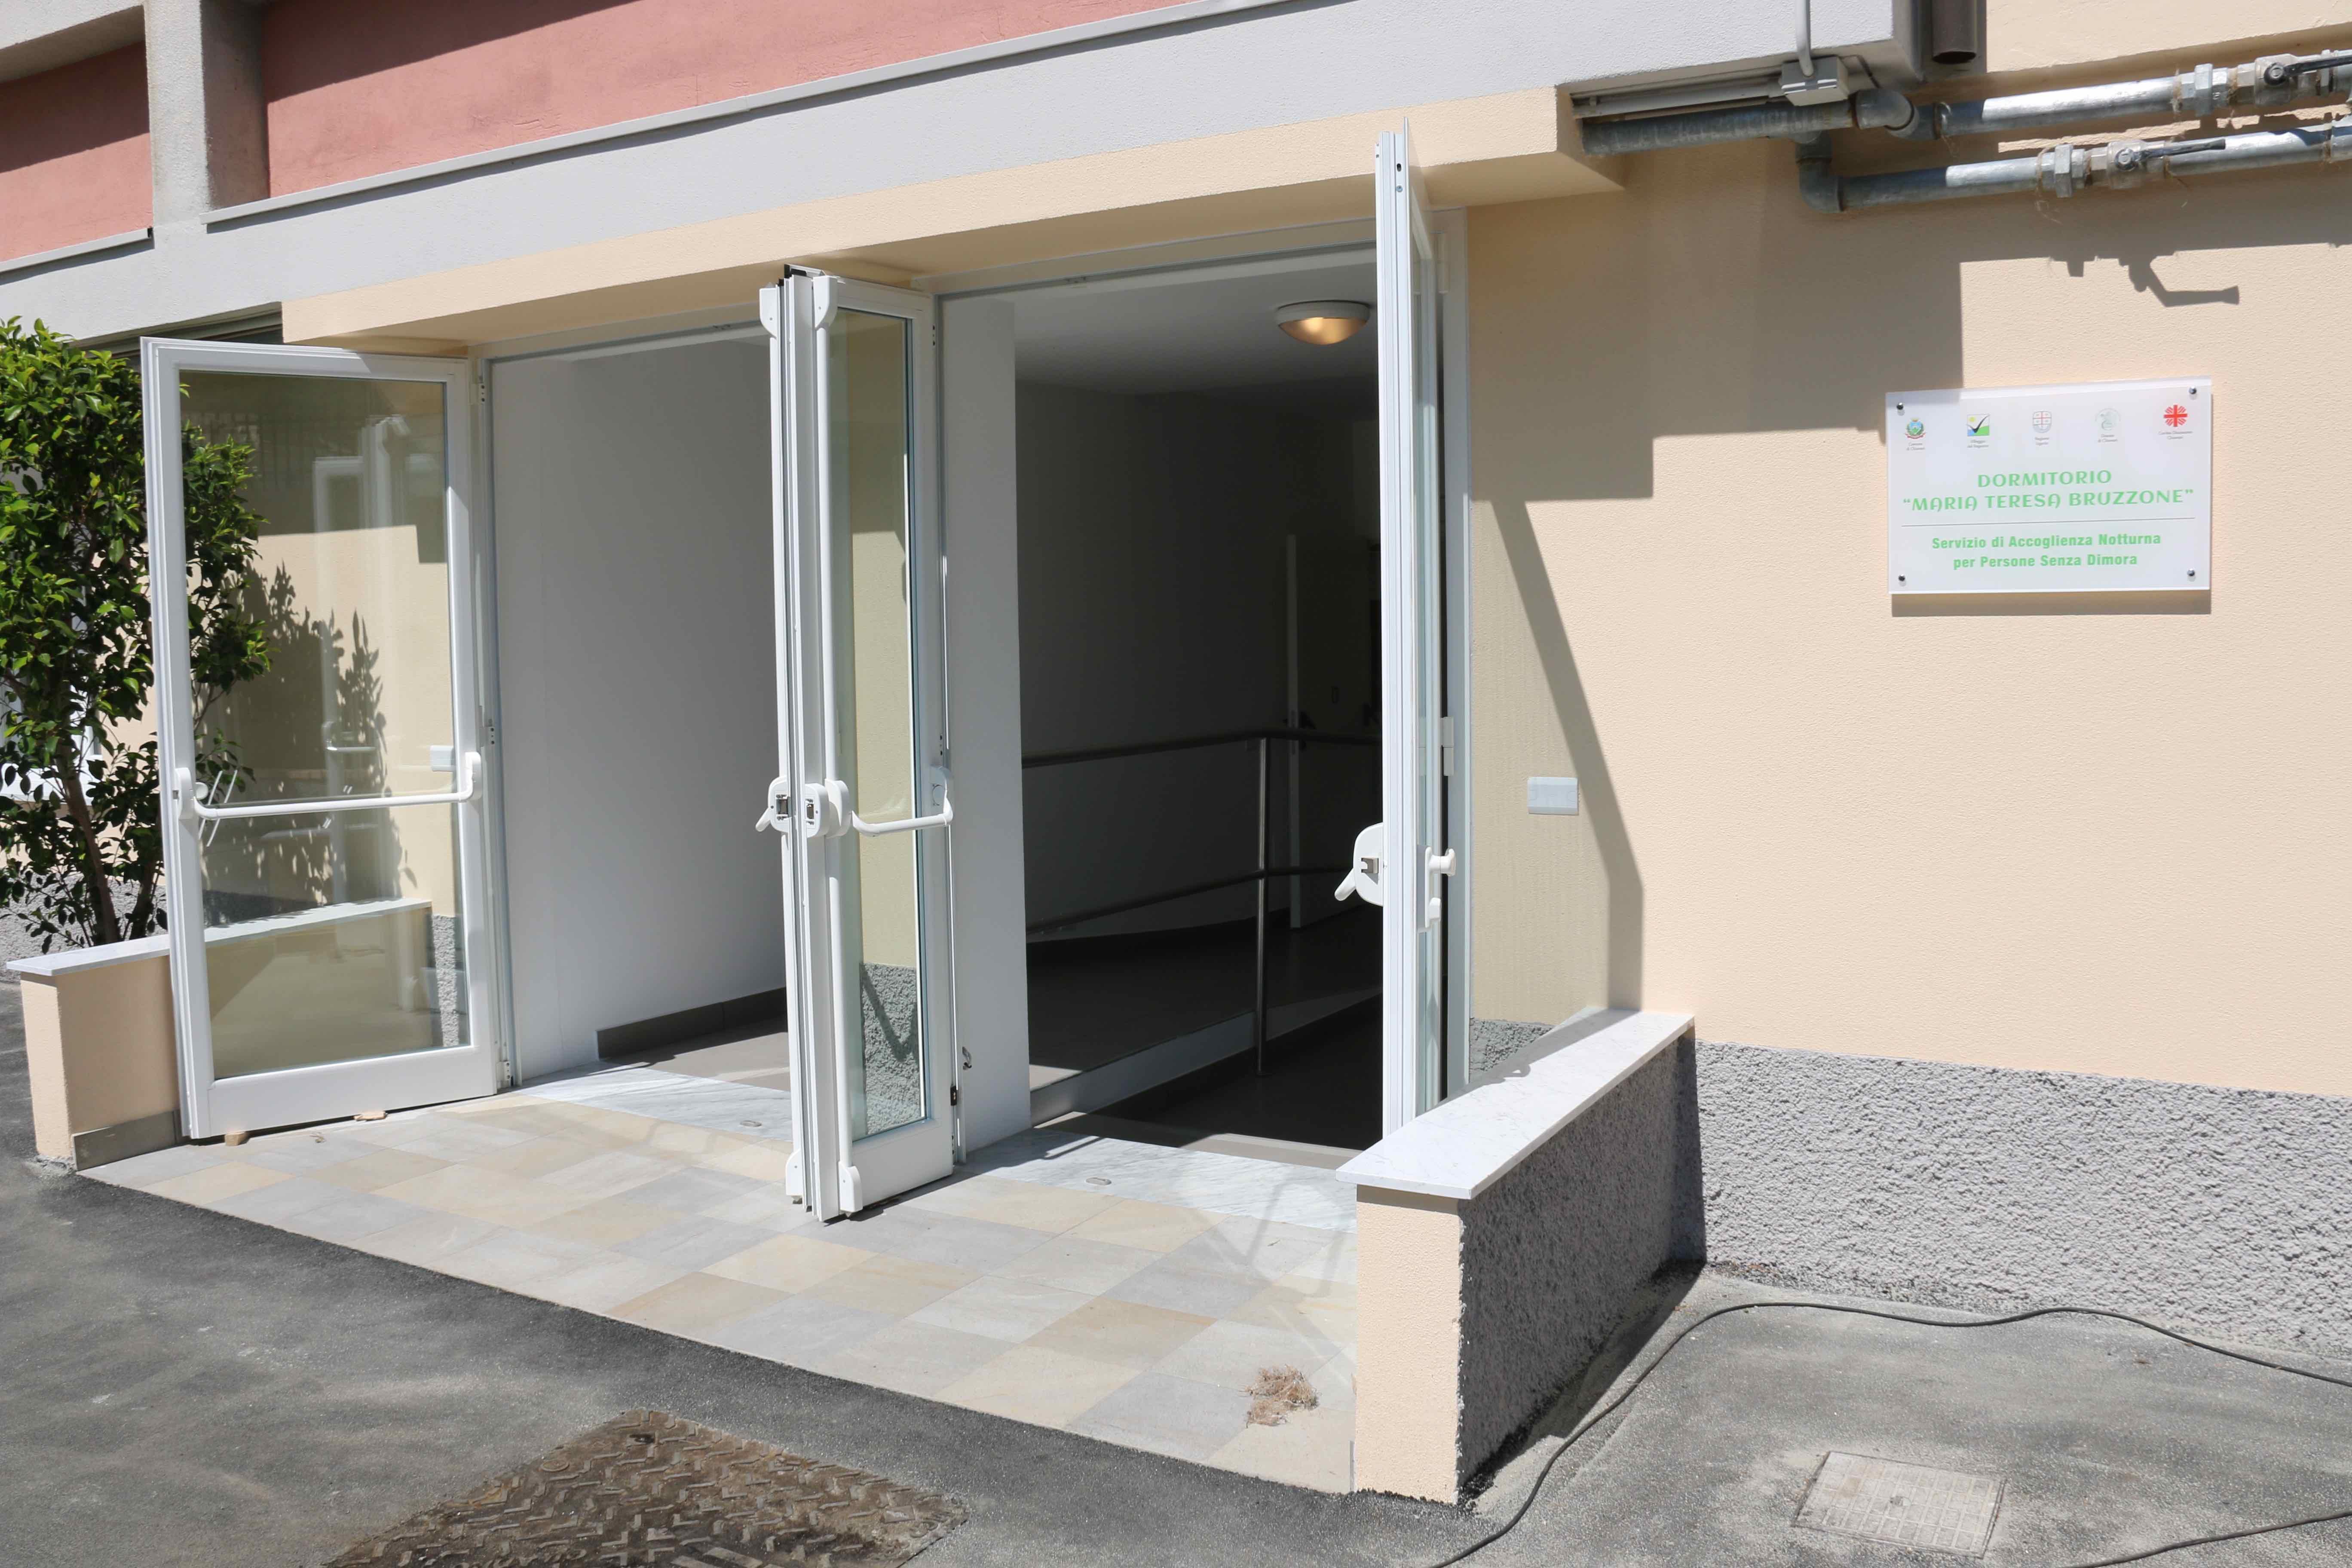 Inaugurazione Dormitorio Maria Teresa Bruzzone Centro Franco Chiarella 2017.04.22 - 35